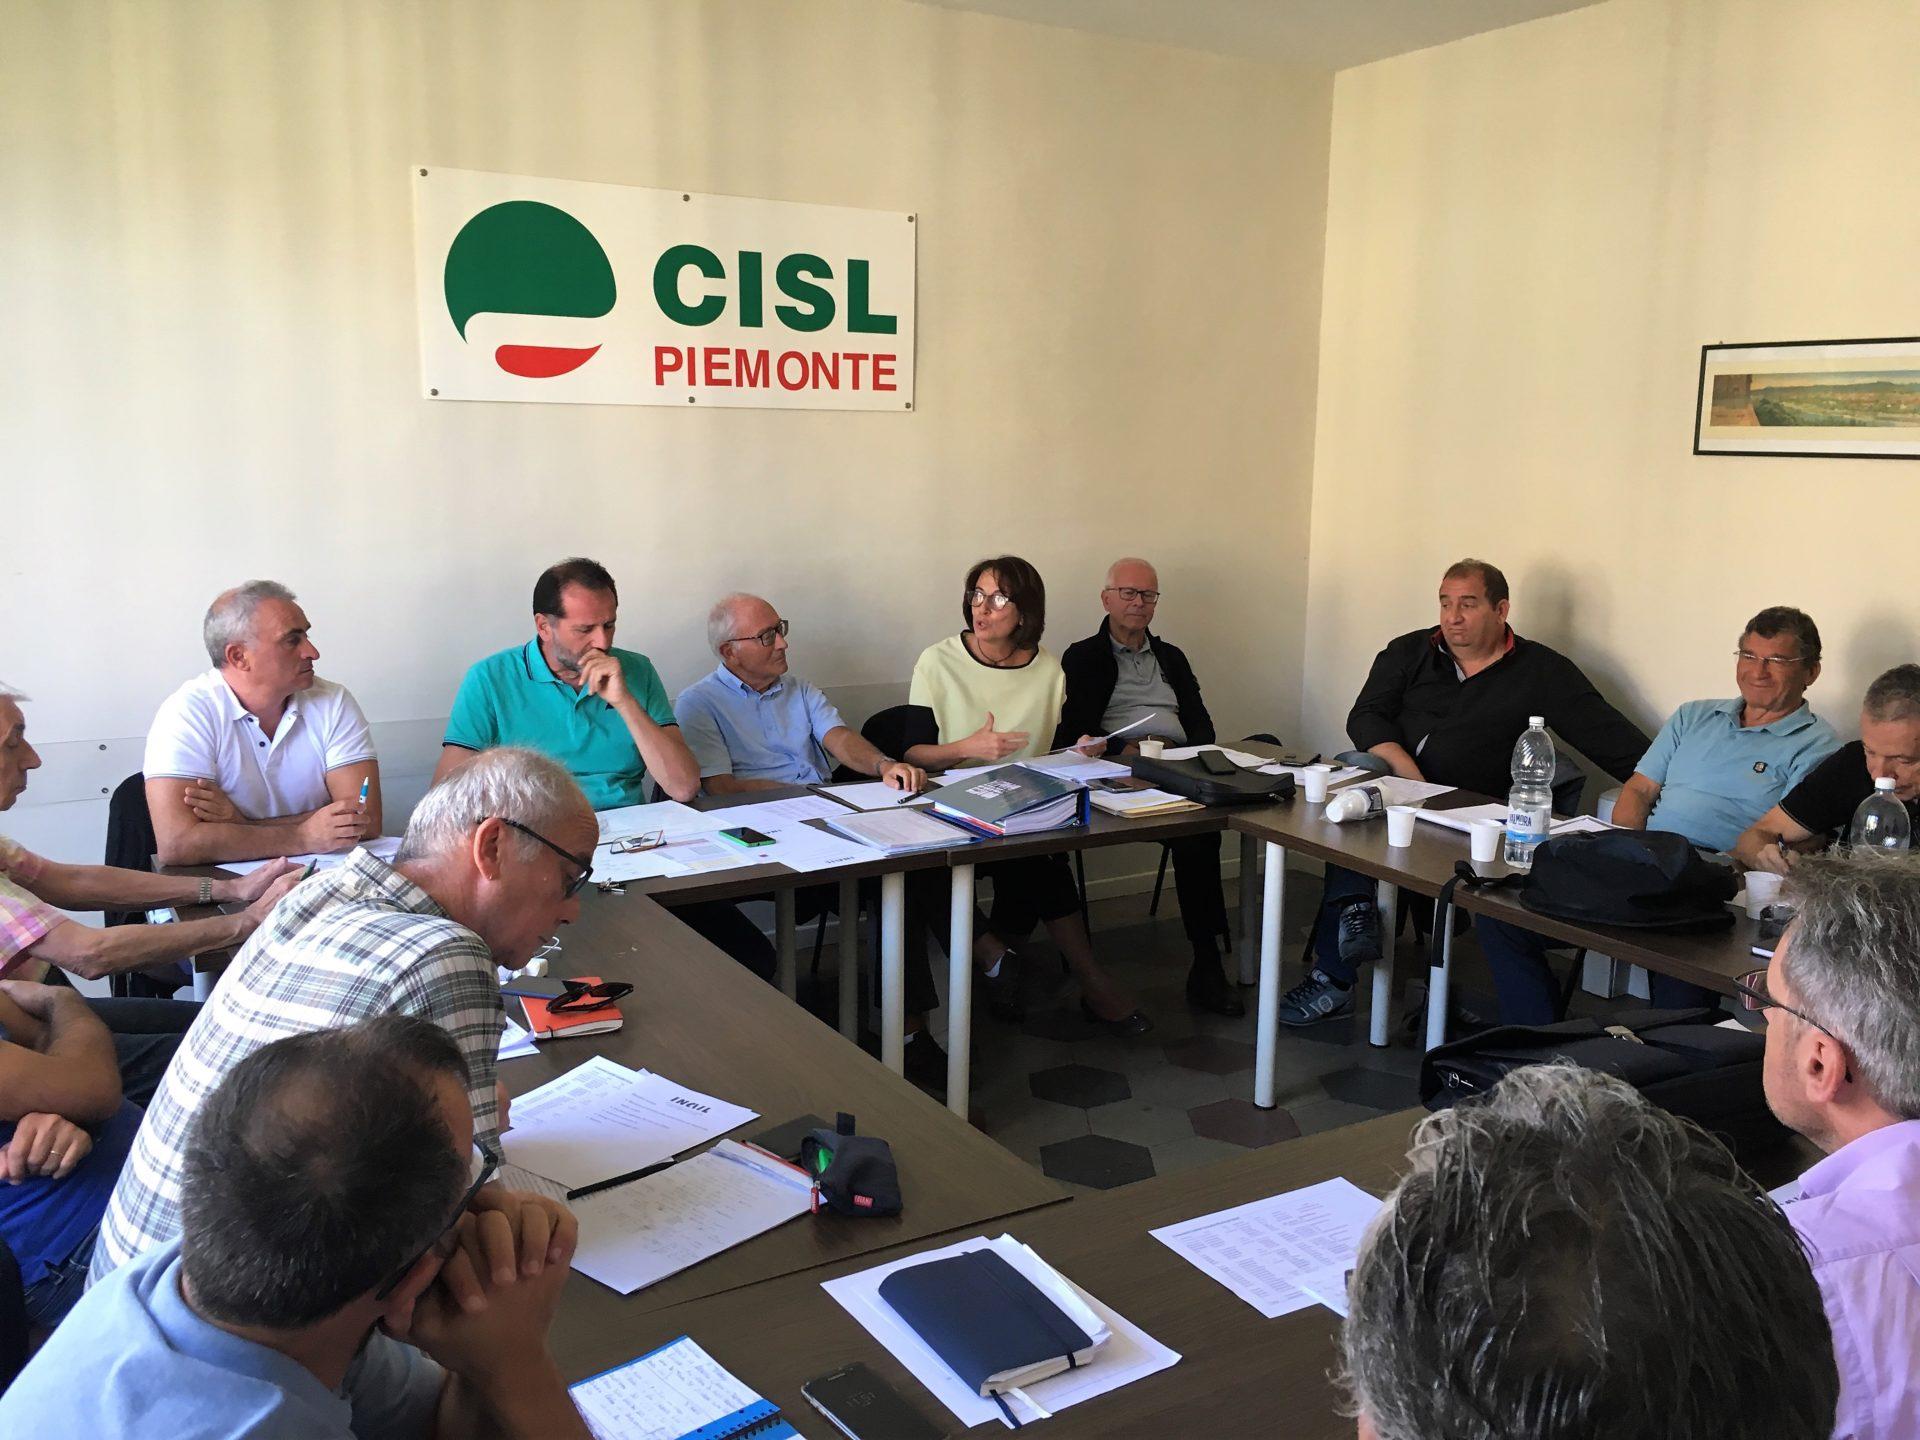 itato Consultivo Provinciale Inail un organismo che la Cisl sostiene e valorizza attraverso i suoi rappresentanti